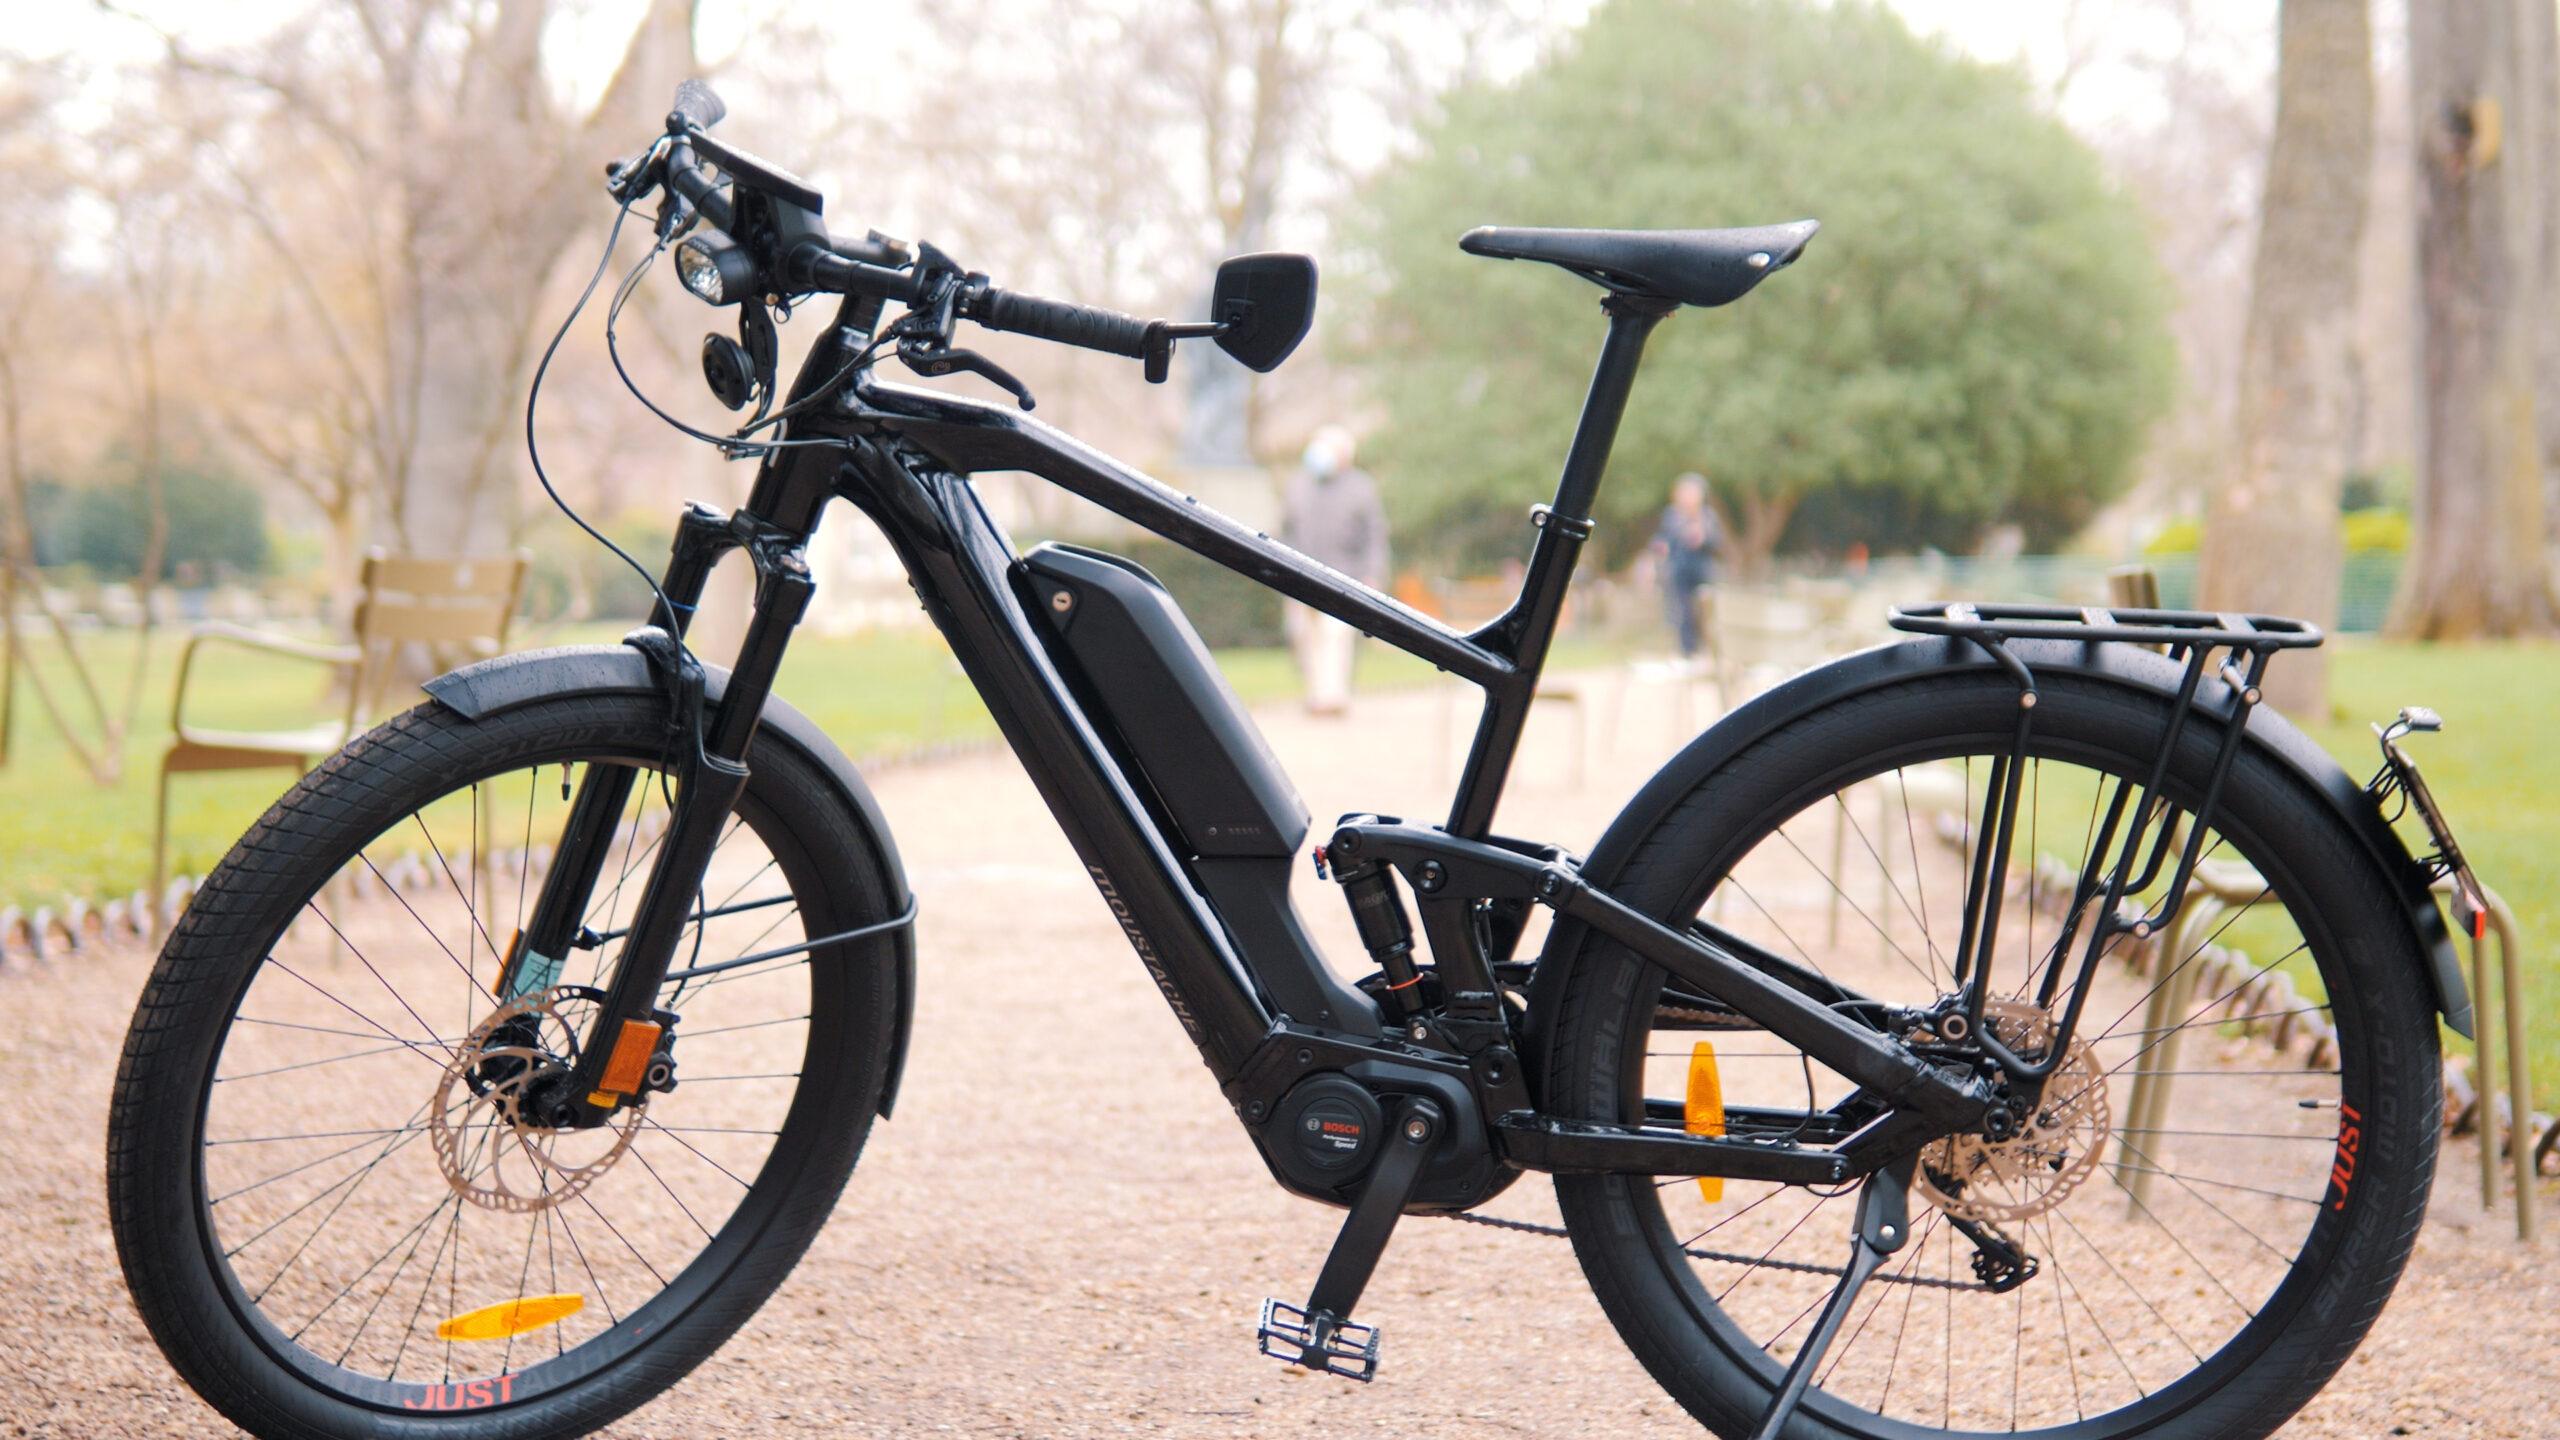 Test du Moustache Friday 27 FS Speed: la France est-elle prête pour les speed bikes?